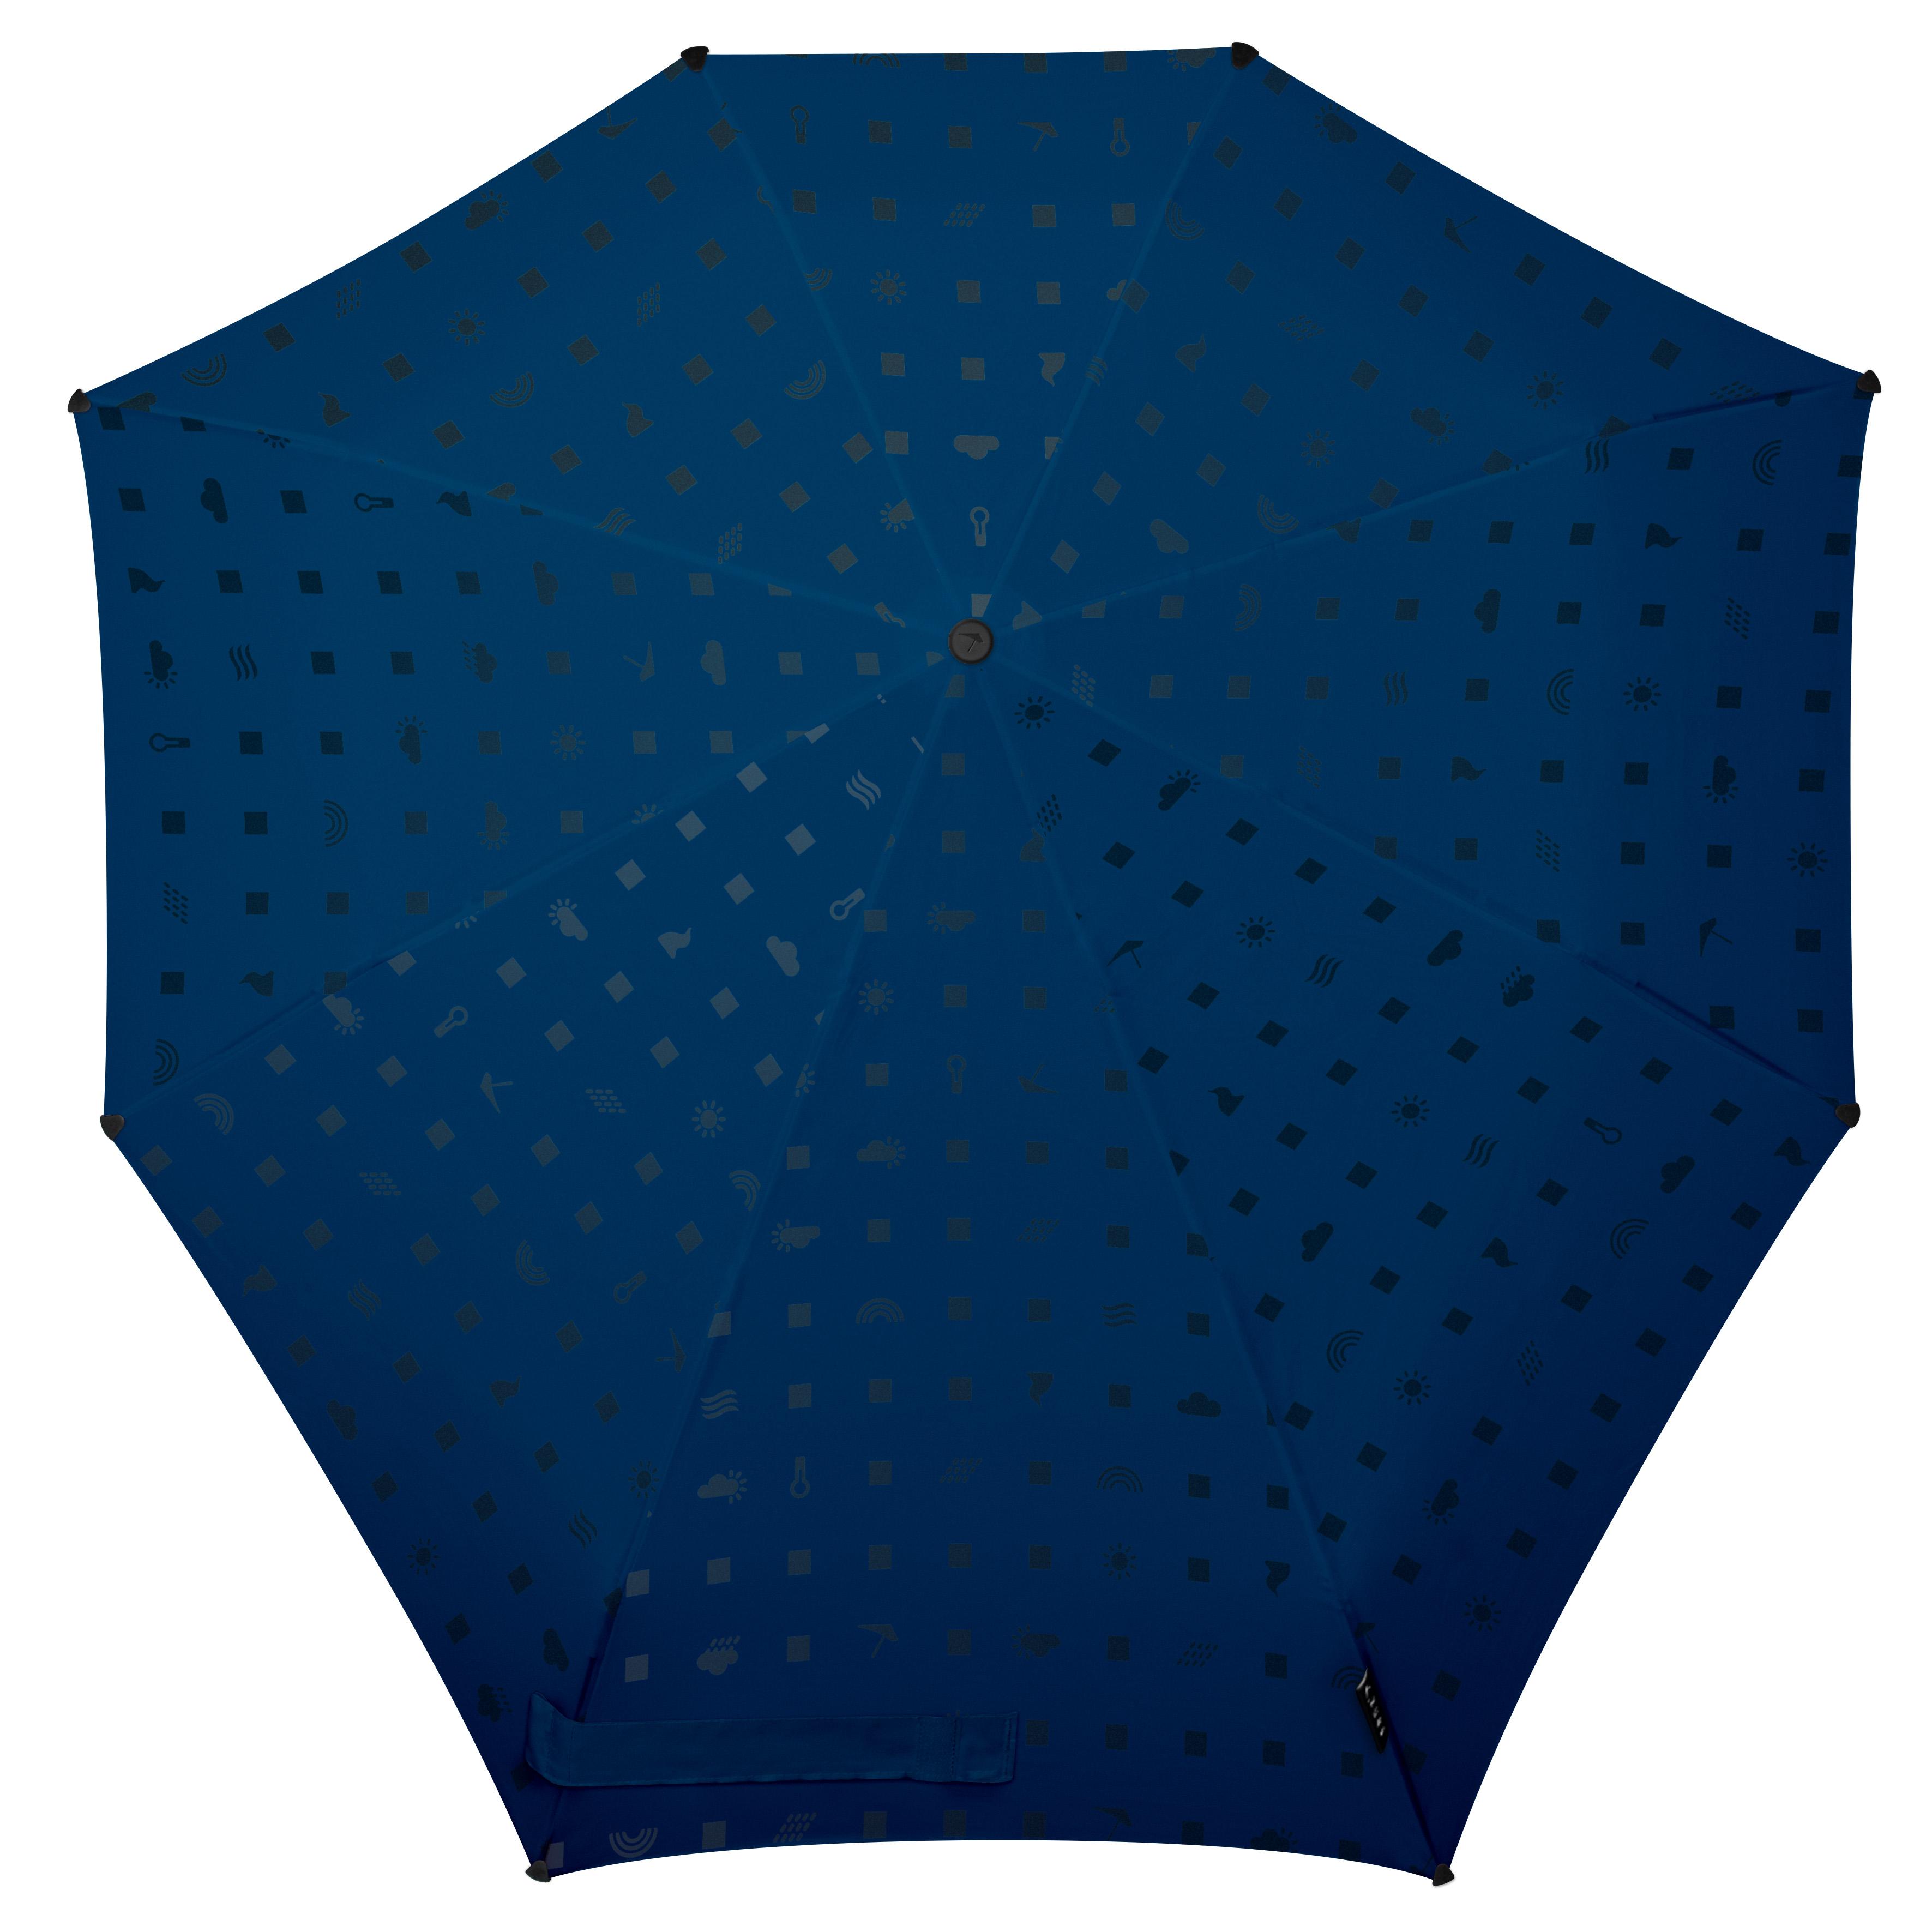 Зонт Senz, цвет: синий. 10210241021024Инновационный противоштормовый зонт, выдерживающий любую непогоду. Входит в основную коллекцию бренда, которая состоит из бестселлеров прошлых лет и успешных новинок прошедшего сезона. Легкий, компактный и прочный противоштормовой зонт открывается и закрывается нажатием на кнопку. Закрывает спину от дождя. Благодаря своей усовершенствованной конструкции, зонт не выворачивается наизнанку даже при сильном ветре. Модель Senz Automatic выдержала испытания в аэротрубе со скоростью ветра 80 км/ч. Характеристики: - тип — автомат - три сложения - выдерживает порывы ветра до 80 км/ч - УФ-защита 50+ - эргономичная ручка - безопасные колпачки на кончиках спиц - принт со светоотражающими элементами - в комплекте плотный чехол - гарантия 2 года Размер купола: 91 х 91 см, длина в сложенном виде - 28 см, в раскрытом - 57 см. Весит 360 г.